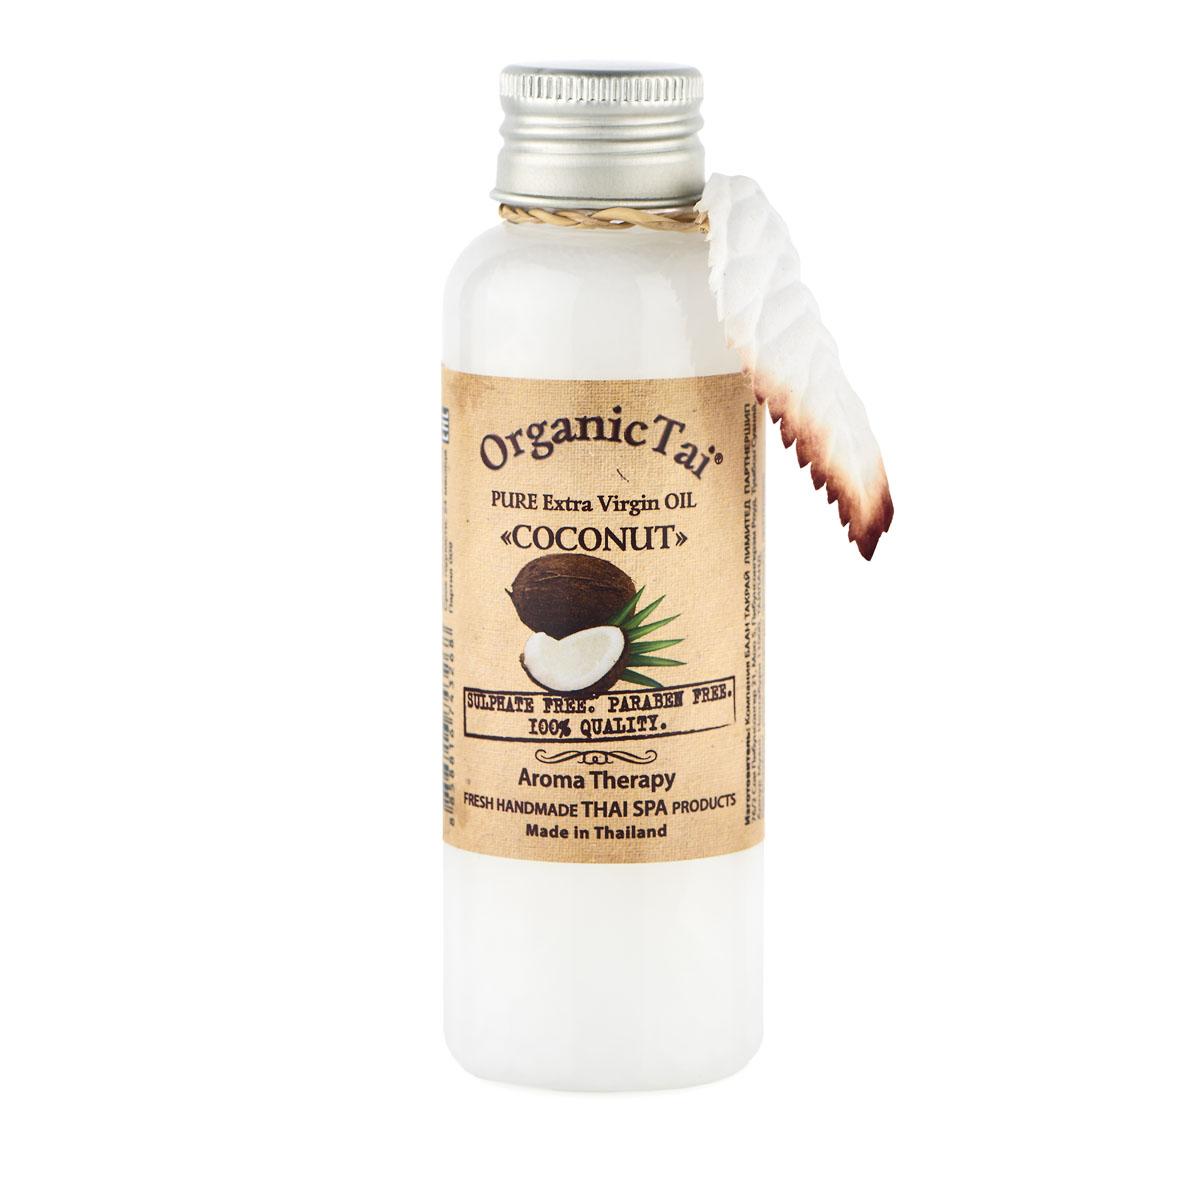 OrganicTai Чистое базовое масло КОКОСА холодного отжима, 120 мл8858816743268РУЧНАЯ РАБОТА. ТАЙСКИЙ SPA. АРОМАТЕРАПИЯ. Мастера тайского массажа применяют это масло с давних времен. Идеально подходит для основного ухода за кожей, волосами и для массажа. Волосы укрепляет и питает, придавая им естественный блеск и шелковистость. Служит отличным закрепляющим средством для окрашенных волос, является активным антиоксидантом, предотвращающим преждевременное старение кожи. КОКОСОВОЕ масло — это природный УФ-фильтр, защищает кожу и волосы от интенсивного ультрафиолетового излучения, позволяет избежать солнечных ожогов и получить равномерный красивый загар на долгое время. Массаж способствует более активному проникновению незаменимых полиненасыщенных жирных кислот КОКОСОВОГО МАСЛА в глубокие слои кожи, усиливая его питательные, защитные и омолаживающие свойства. Регулярное применение этого масла с легким приятным тропическим ароматом свежеразломленного кокоса подарит Вашей коже сияние молодостью и красотой. AromaTherapy FRESH HANDMADE THAI SPA PRODUCTS. SULPHATE FREE. PARABEN FREE. 100% QUALITY.